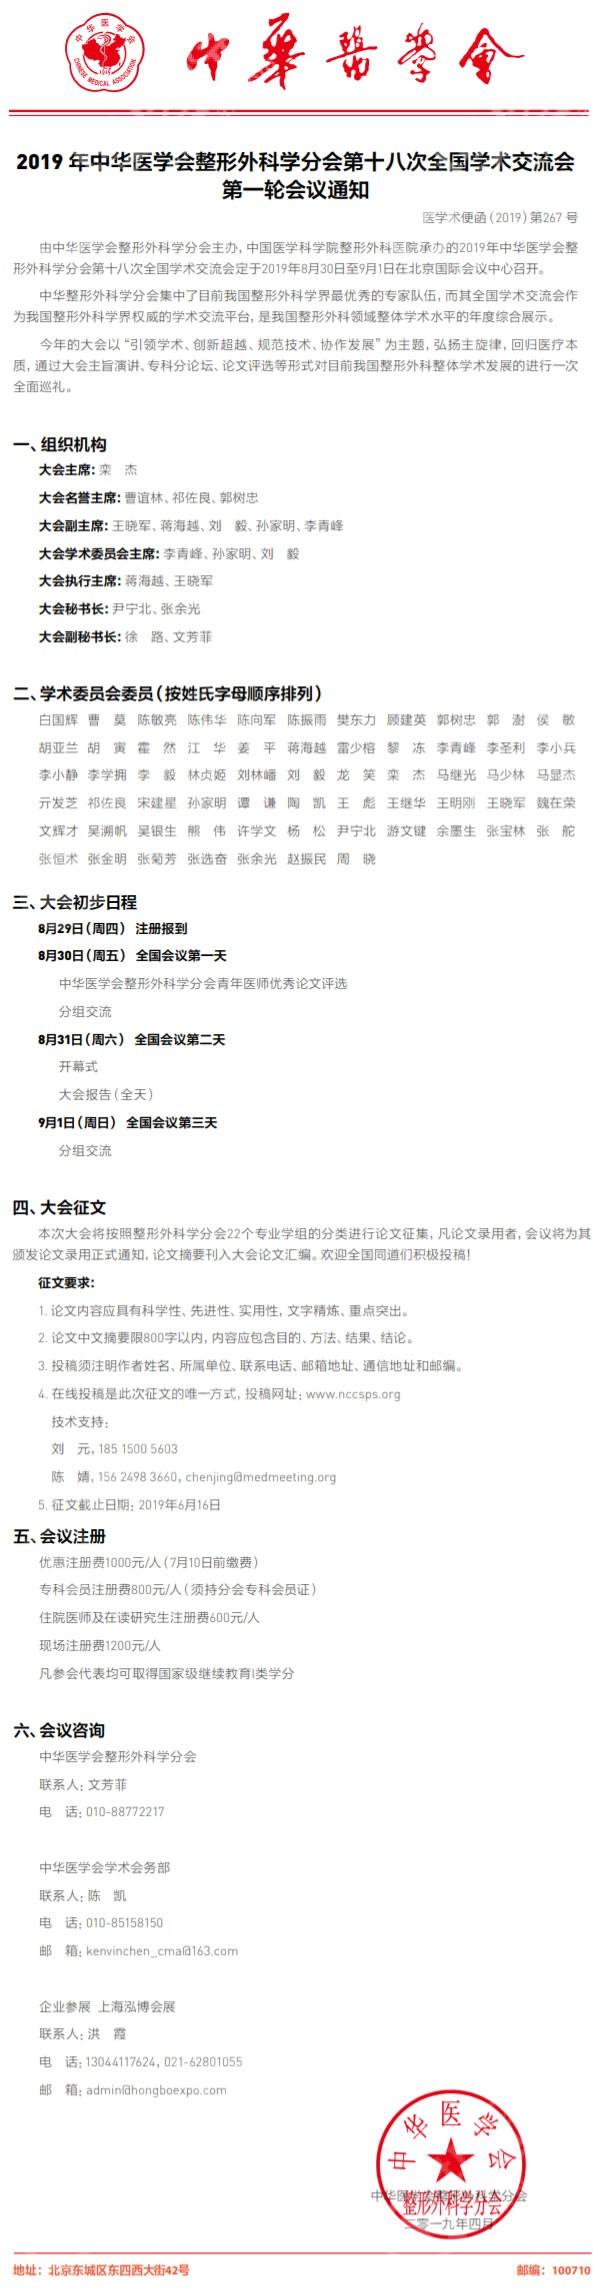 中华医学会第18次全国学术交流会会议通知